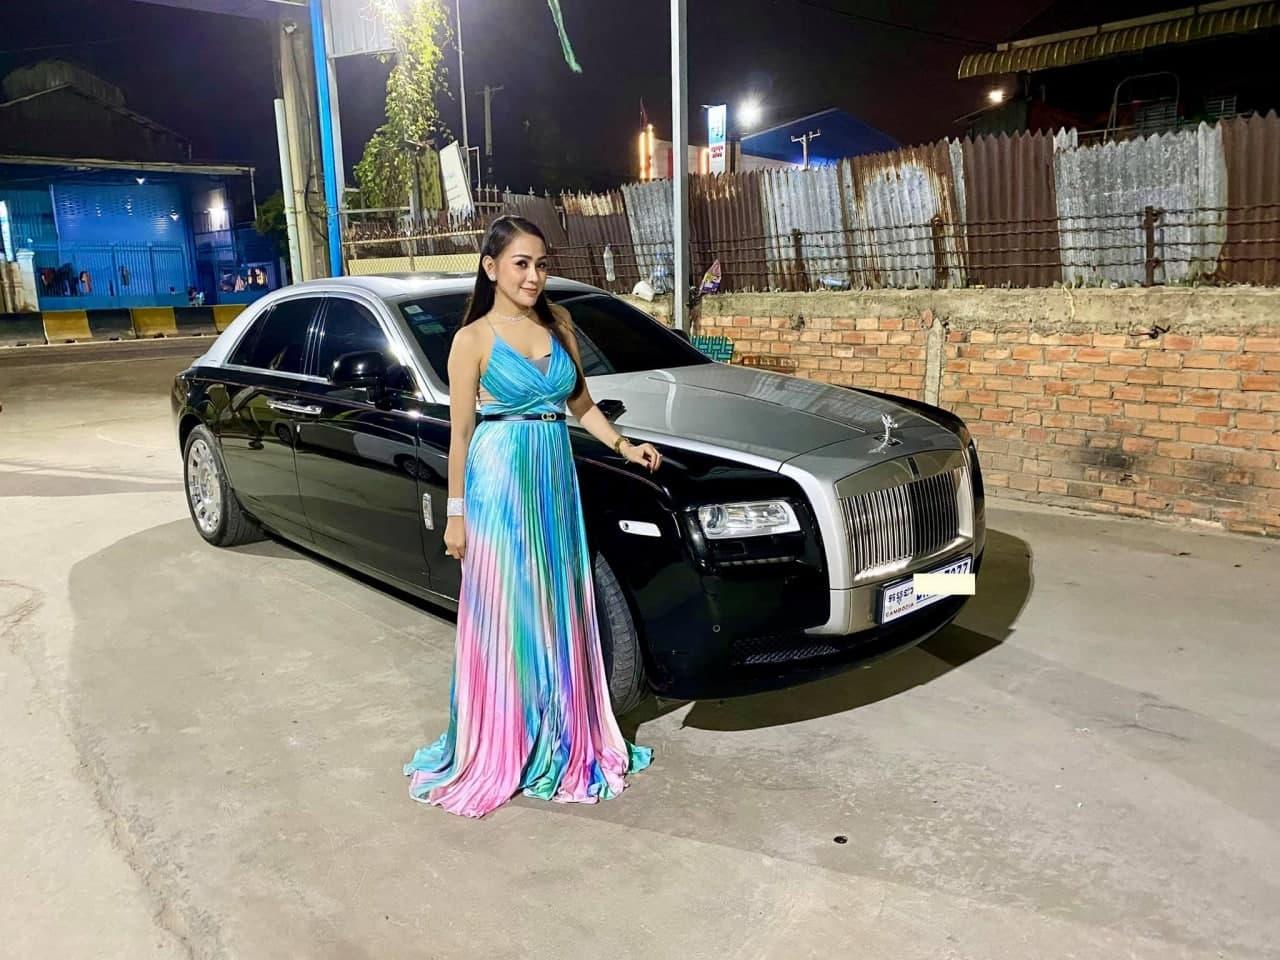 ឡូយកប់! តារាល្បីៗ ៥ ដួង ជិះរថយន្ត Rolls-Royce តម្លៃក្បែរលានដុល្លារ –  Popular Magazine